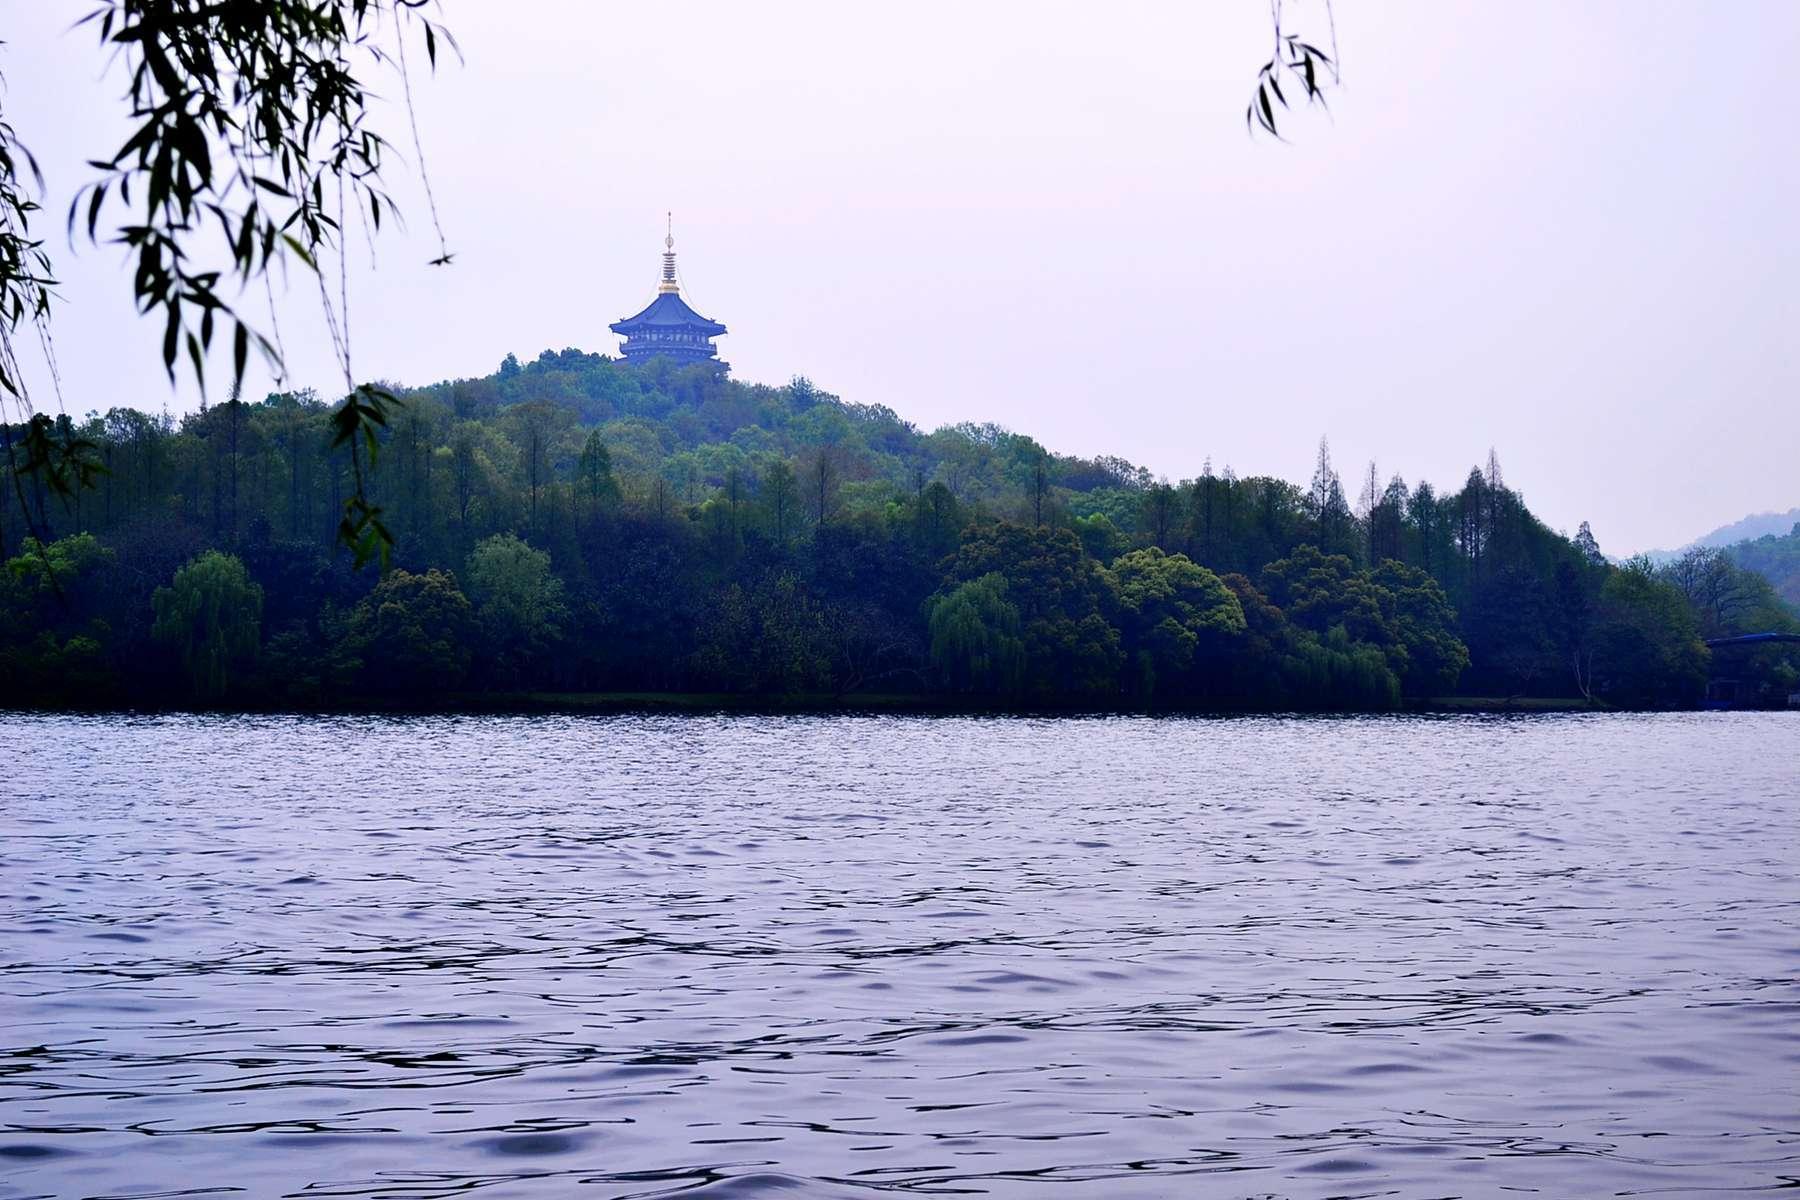 苏堤春晓作为杭州西湖十大景区之一,可以说是名副其实的美景! 苏堤是在北宋时期,苏东坡来杭州任知府的时候,为了发展西湖交通经济而决定与民众一起合力修建一座跨湖大堤,后人为了纪念苏东坡便把此堤命名为 苏堤了。整个苏堤最为显著出名的就是翠柳,春季来逛苏堤的时候可以看到整个西湖的胜景,在苍翠如滴的翠柳的装饰下整个西湖显得尤为美丽!真正的能让你感觉到西子湖畔的蕴含的真正魅力与美妙了! 苏堤是与杨公堤并行而走的一条跨湖长堤,与其一样都是南北走向的。北起岳王庙与武松墓交汇点,南终止苏东坡纪念馆。 苏堤门票:逛苏堤是不收